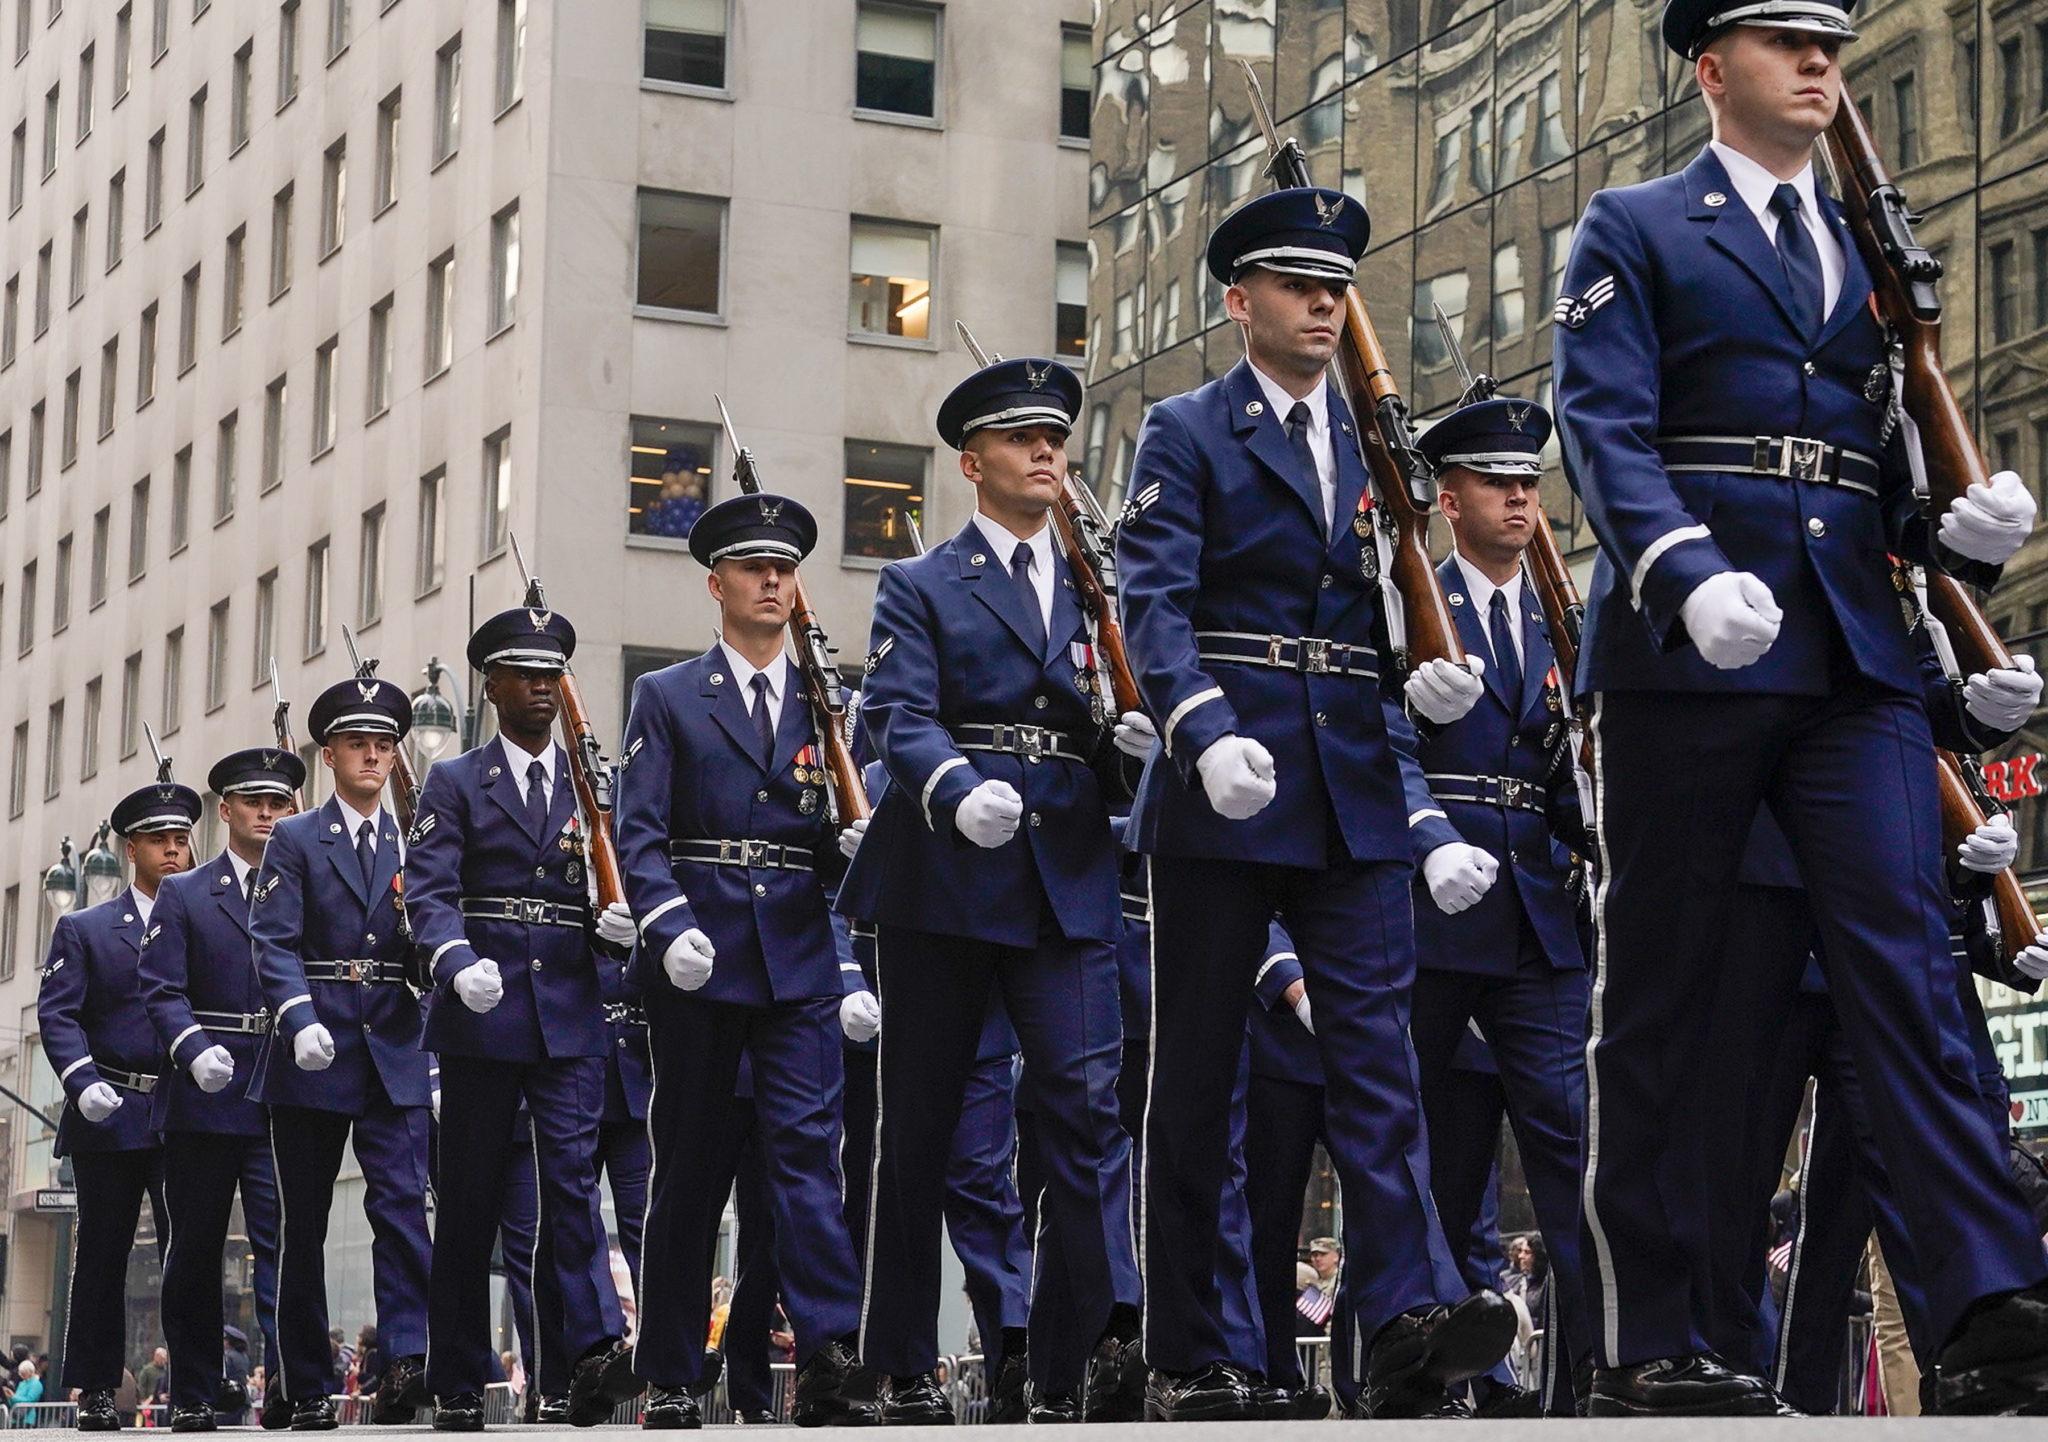 Nowy Jork: Marsz z okazji Dnia Weterana, Obchodzone jest 11 listopada, w rocznicę zawarcia rozejmu kończącego I wojnę światową, w ten sam dzień co Święto Niepodległości i Dzień Pamięci w innych krajach, fot. EPA/Porter Binks